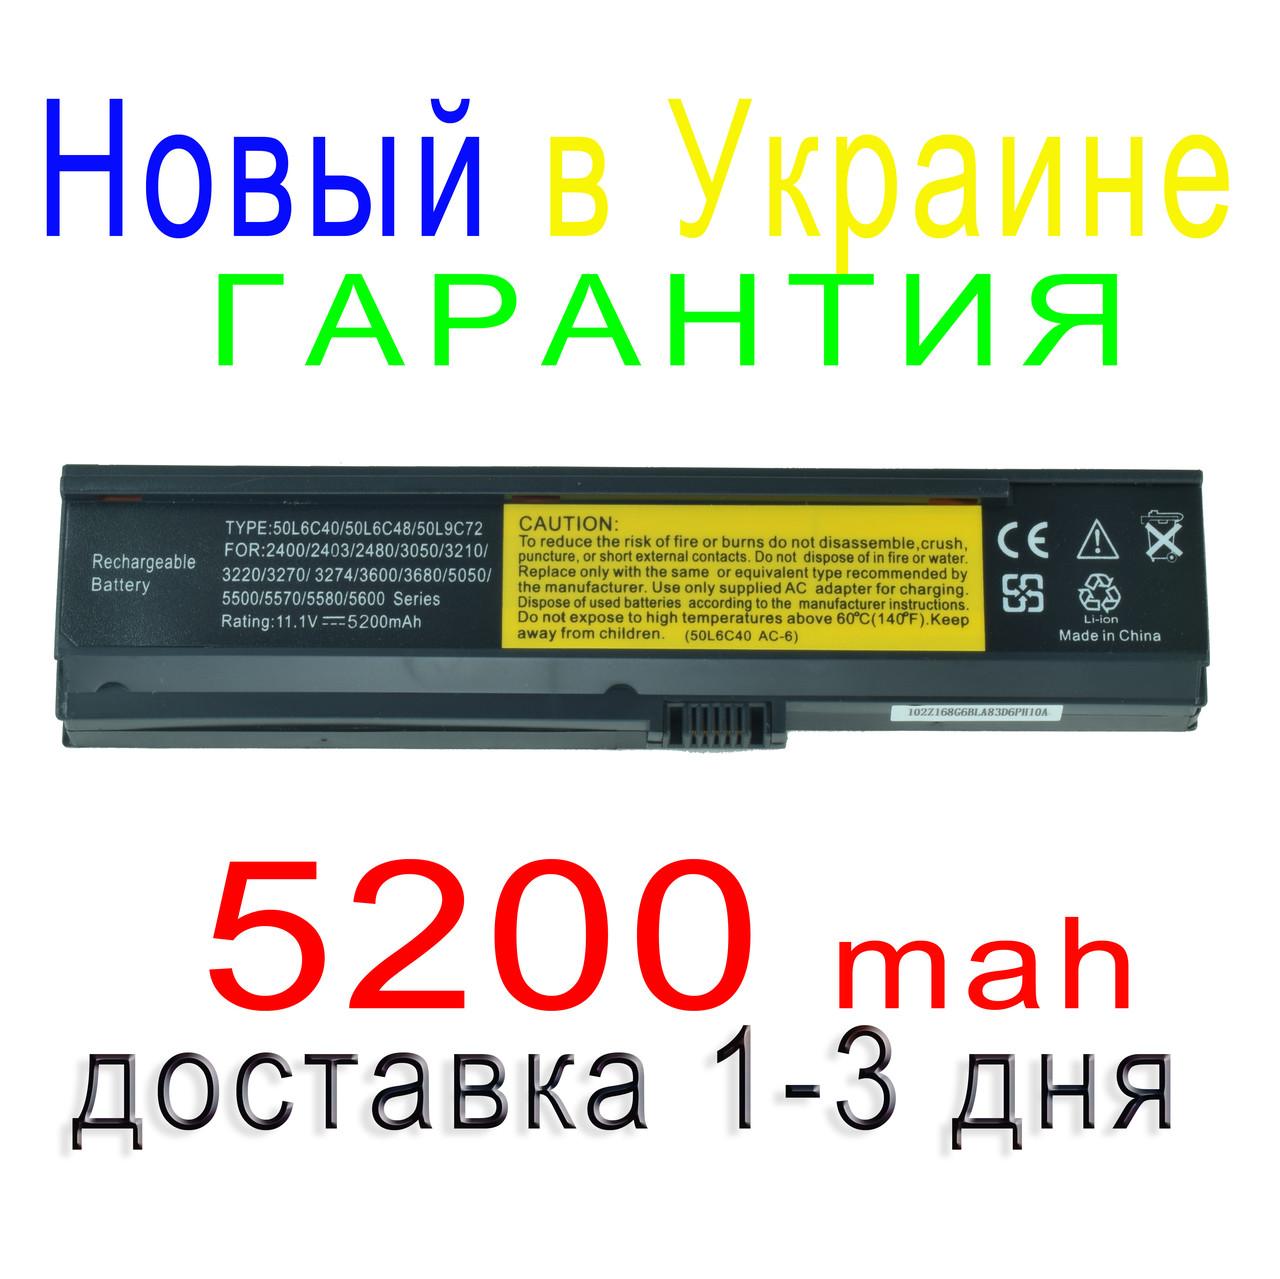 Аккумулятор батарея ACER BATEFL50L6C40 BATEFL50L6C48 BATEFL50L9C72 BT.00603.006 BT.00603.010